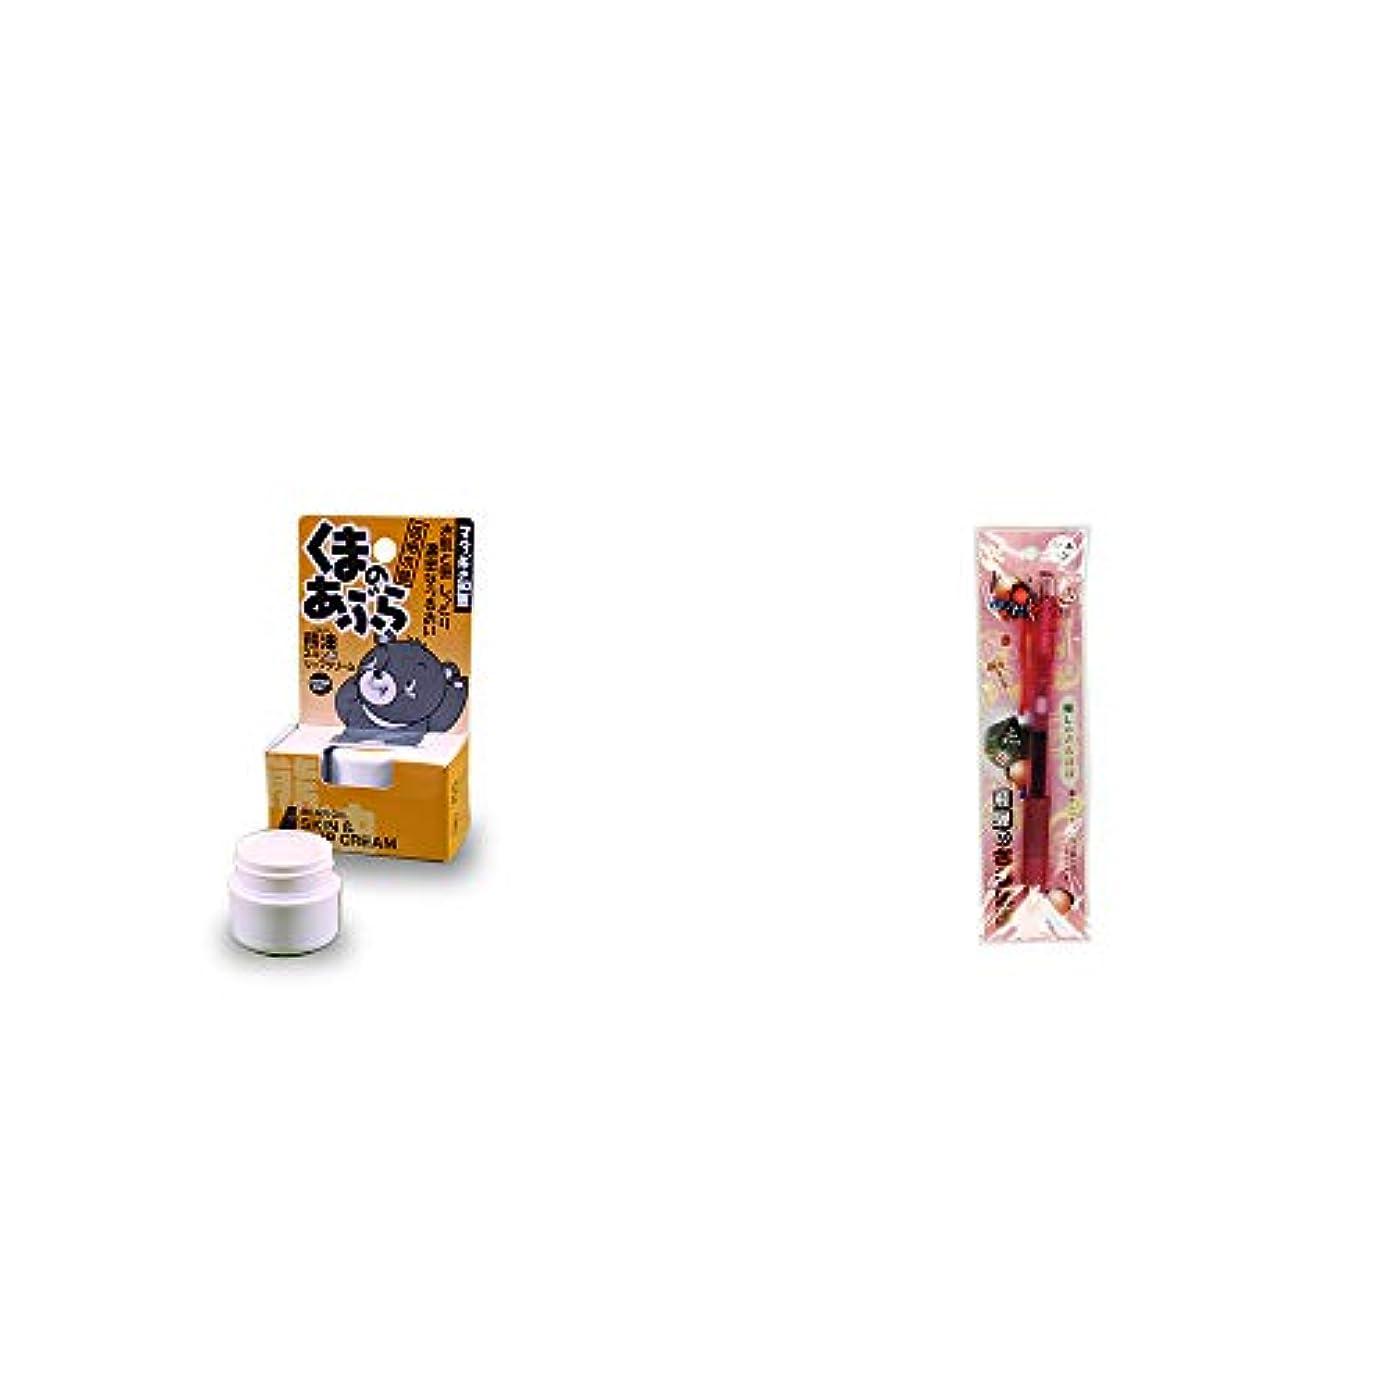 キャロラインロケット受け入れ[2点セット] 信州木曽 くまのあぶら 熊油スキン&リップクリーム(9g)?さるぼぼ 癒しボールペン 【ピンク】